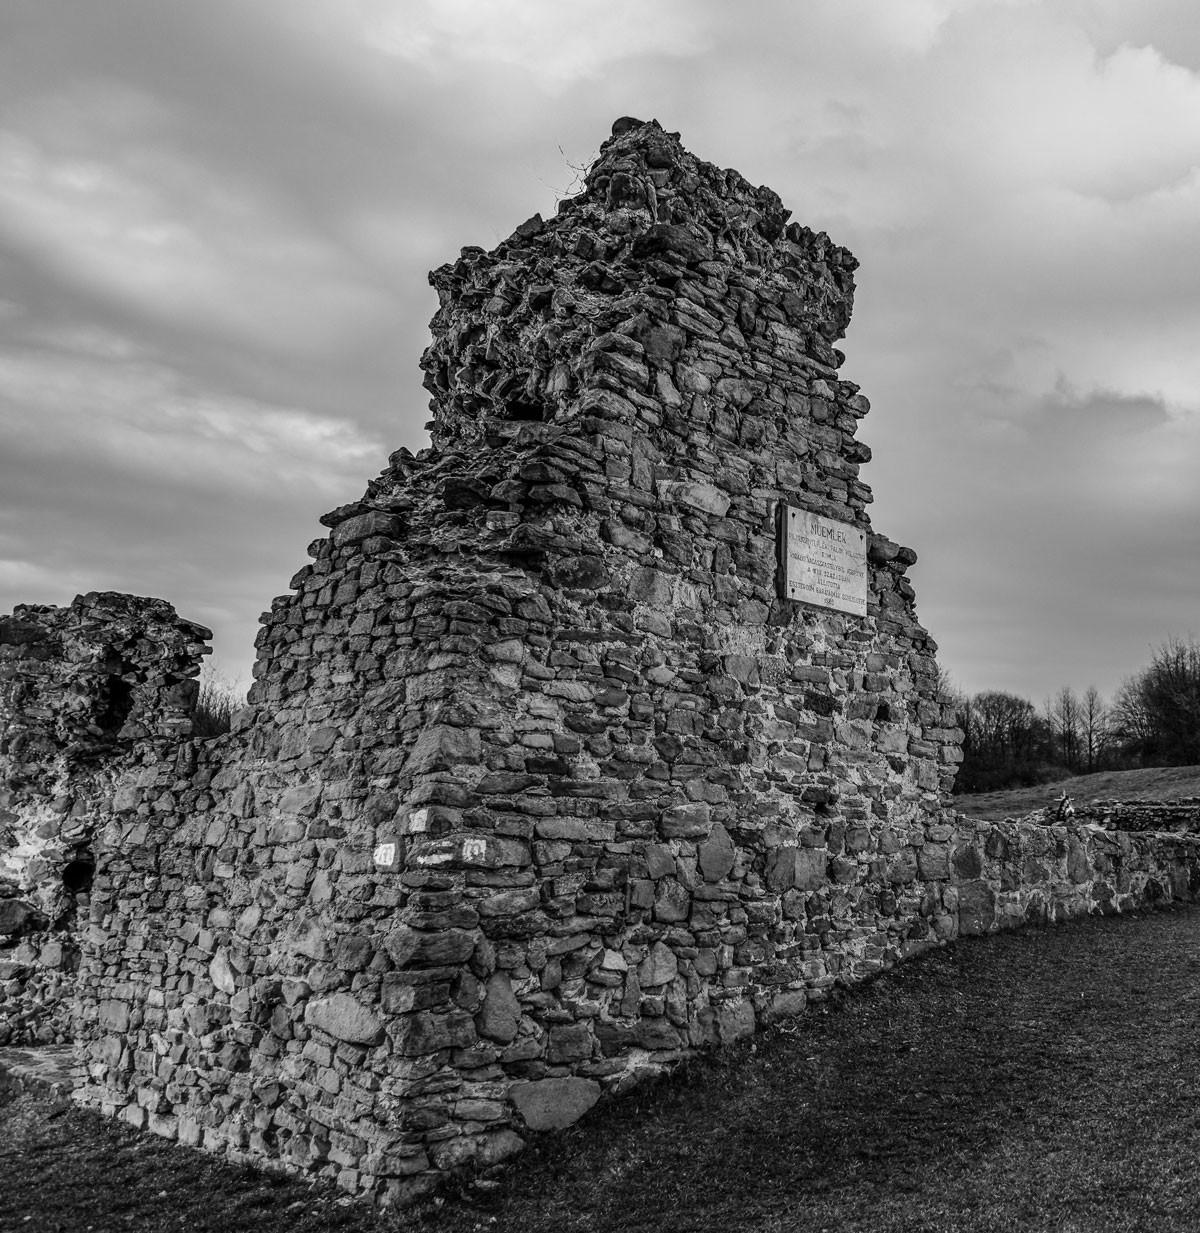 A pilisszentléleki pálos kolostor romjai. Nagy Lajos és Hunyadi Mátyás legendásan jó kapcsolatot ápolt a renddel, amelynek Mohács előtt több tucat magyarországi központja volt